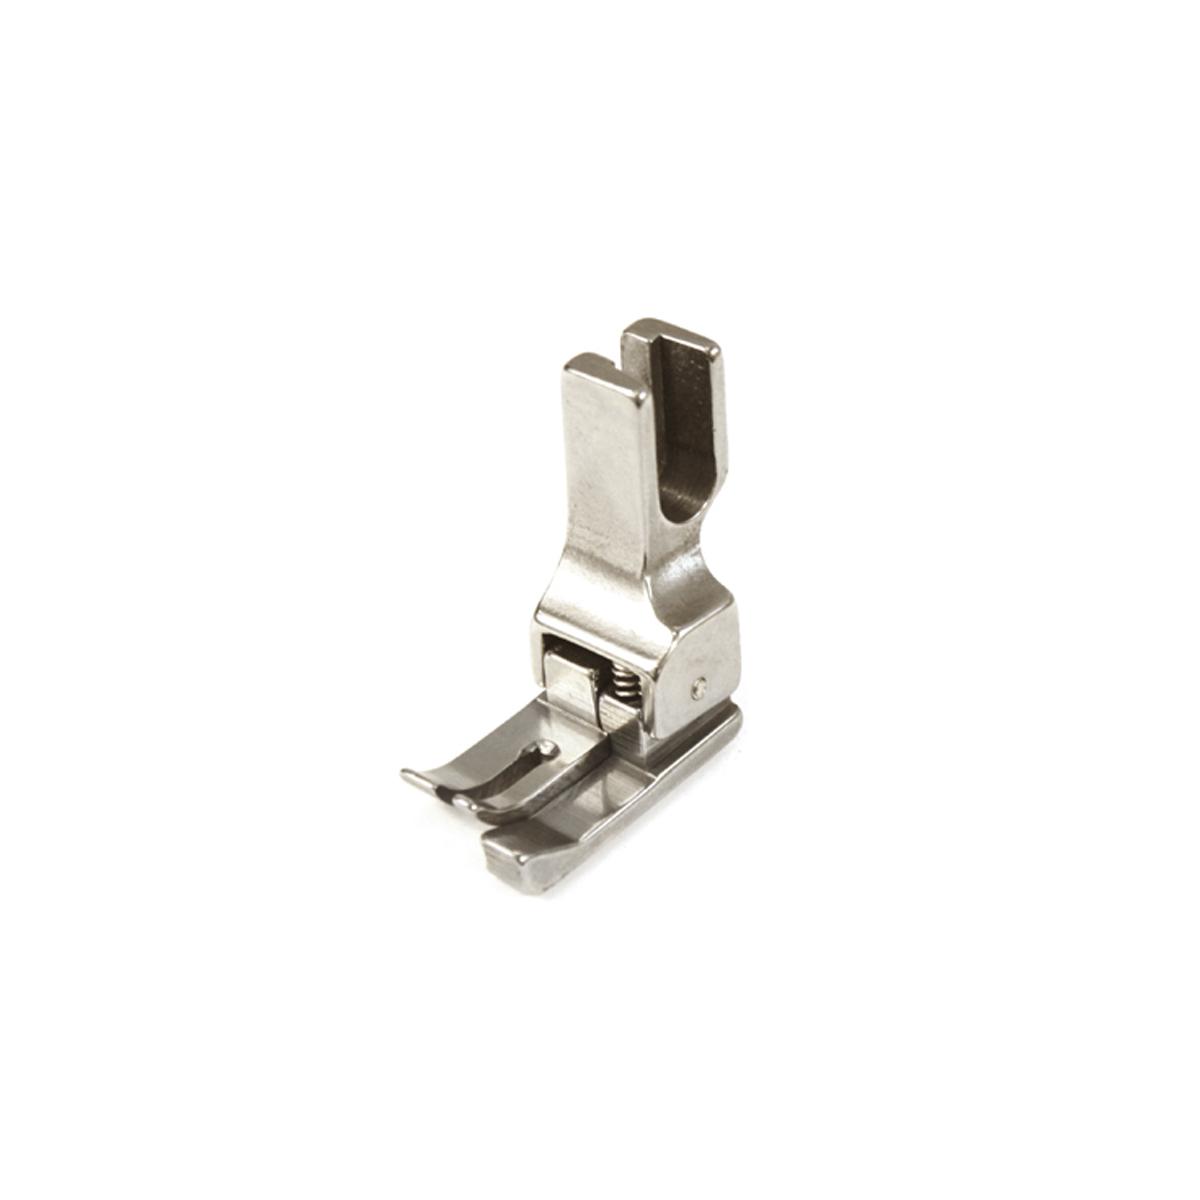 """Лапка для швейной машины """"Bestex"""", правая, для отстрочки края материалов, 3 мм"""